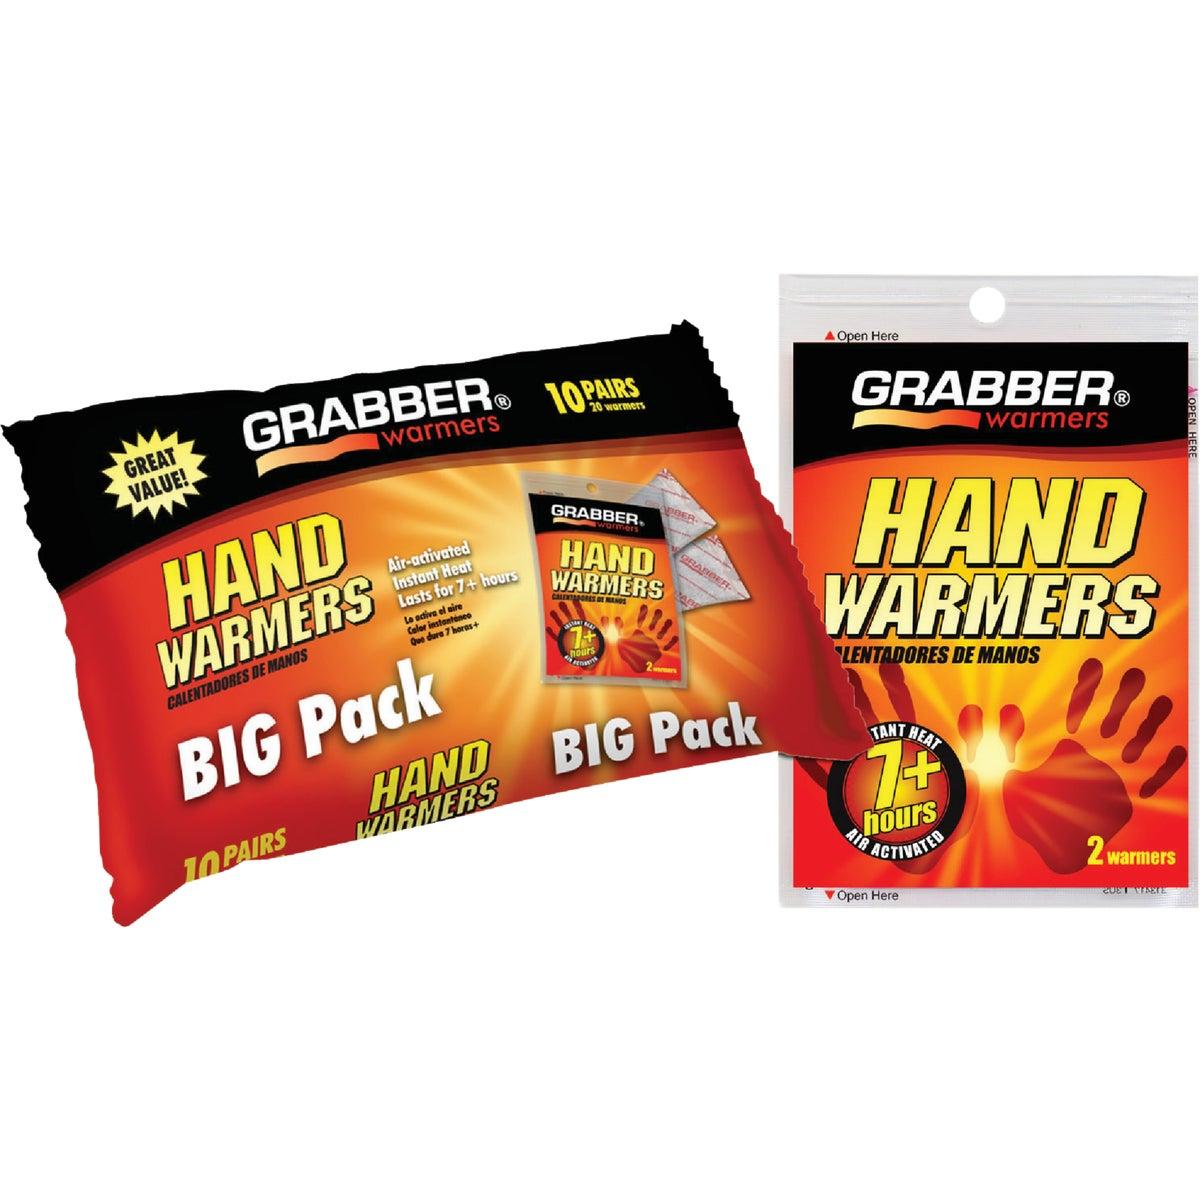 10PK HAND WARMERS